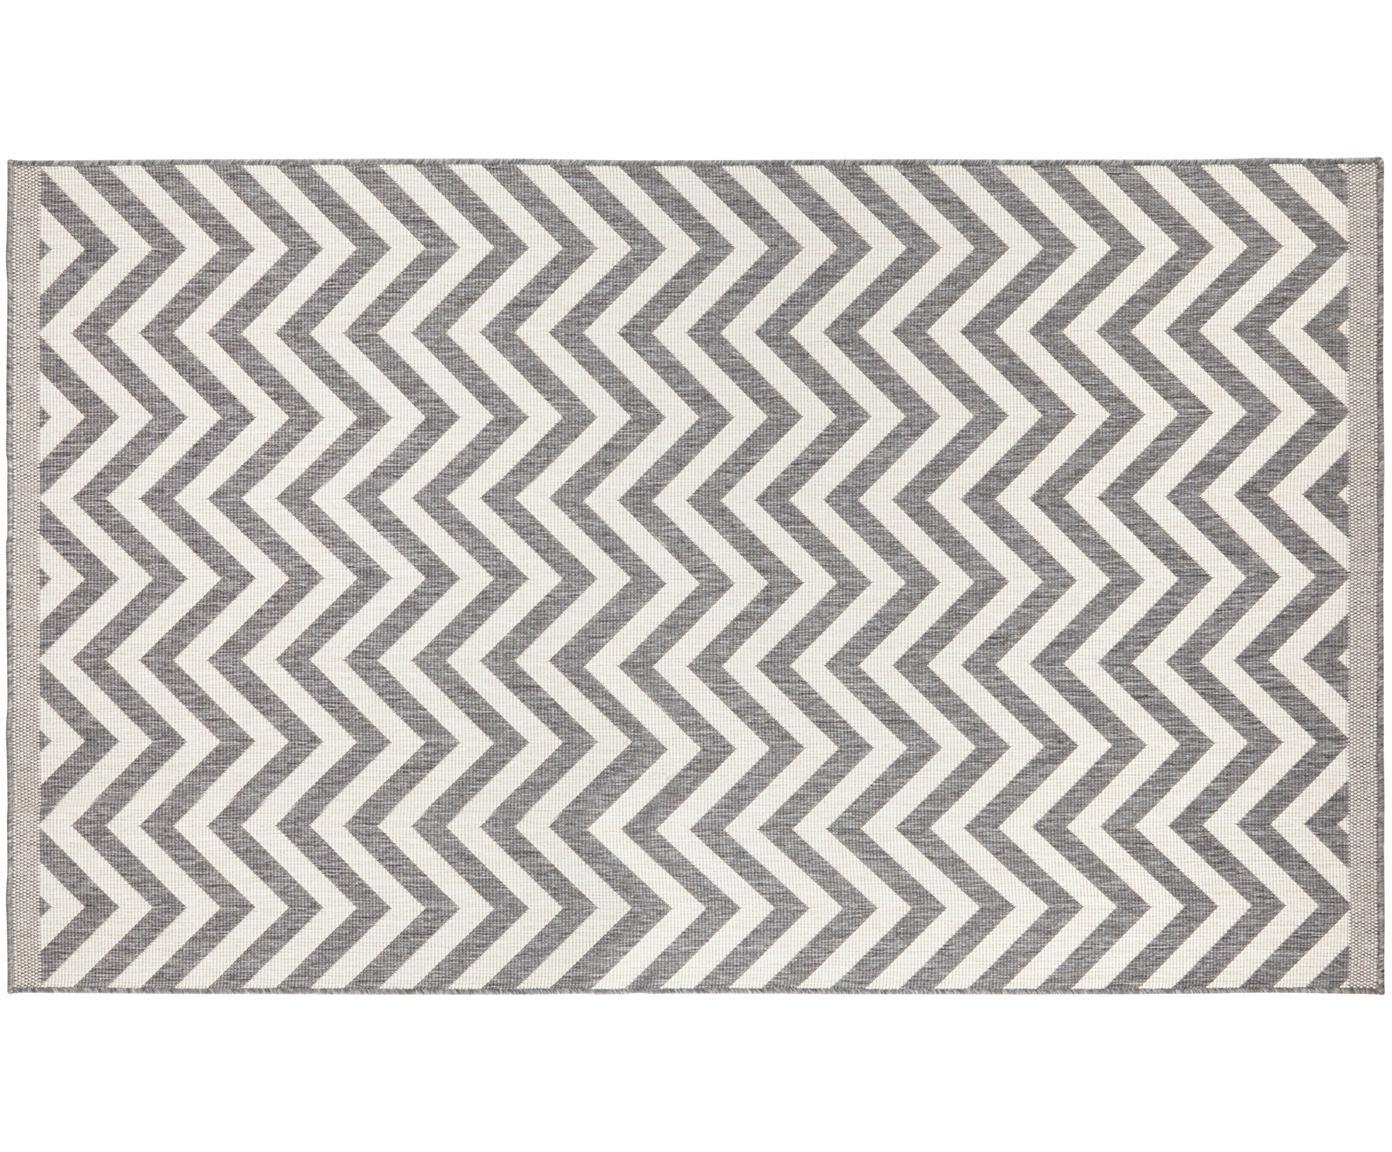 In- & Outdoor-Teppich Palma mit Zickzack-Muster, beidseitig verwendbar, Grau, Creme, B 80 x L 150 cm (Grösse XS)